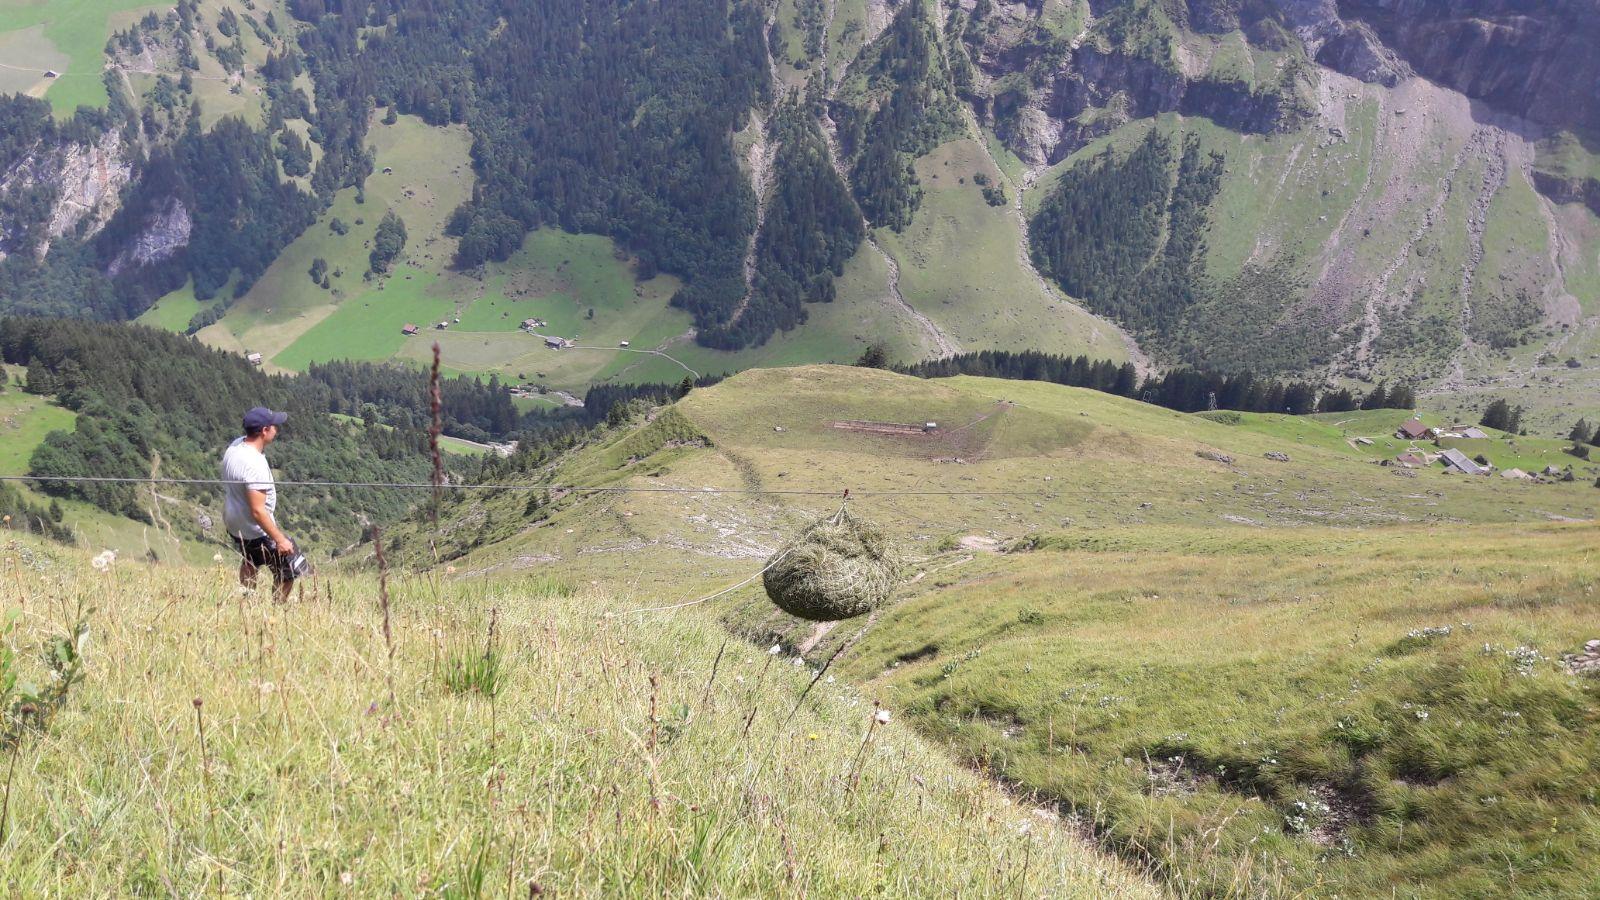 ... saust die wertvolle Ernte talwärts bis zur Alp.